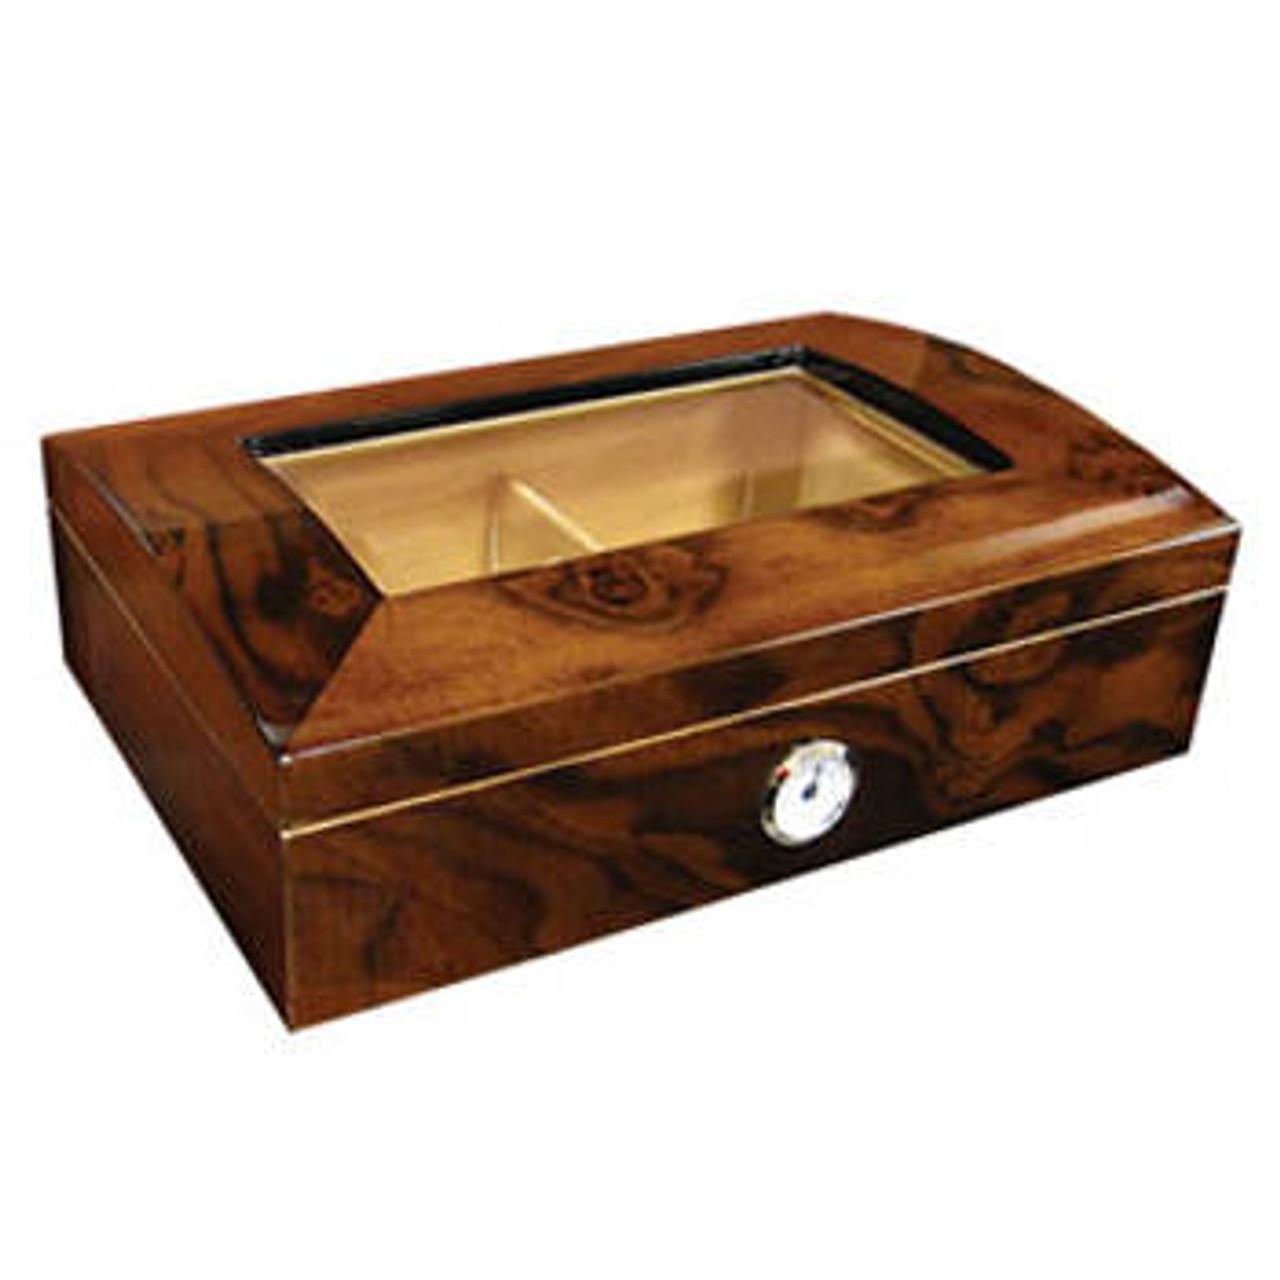 Glass Top Cigar Humidor: Addison 40 Cigar Humidor